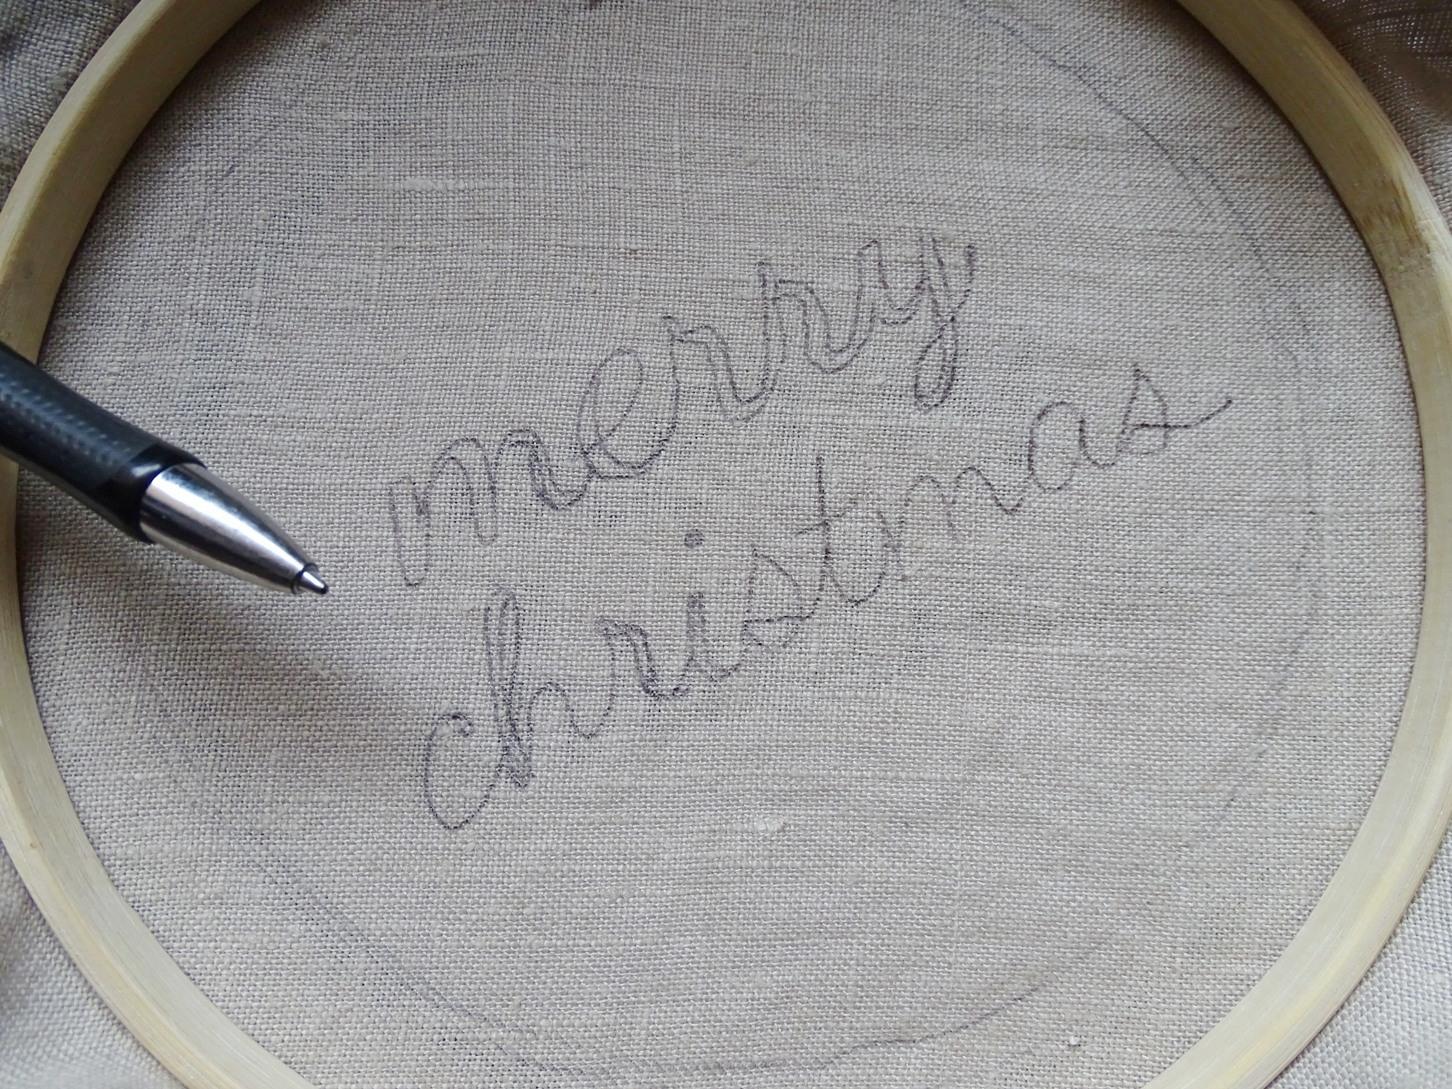 merry christmas Schriftzug sticken